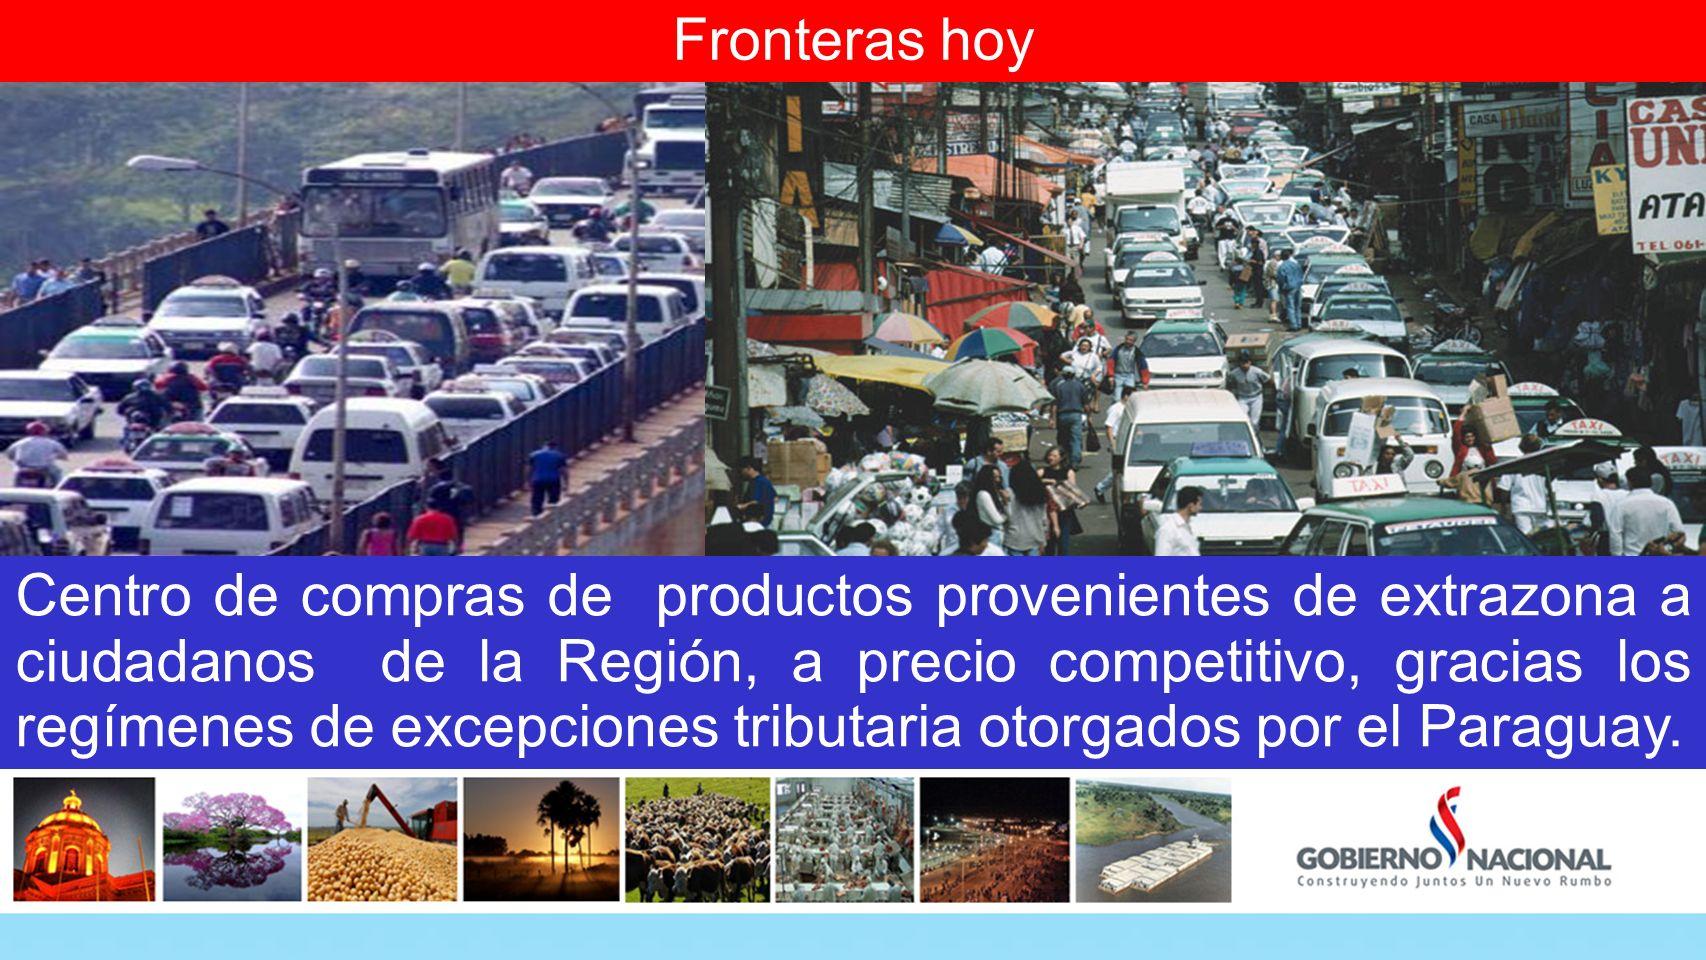 Fronteras hoy